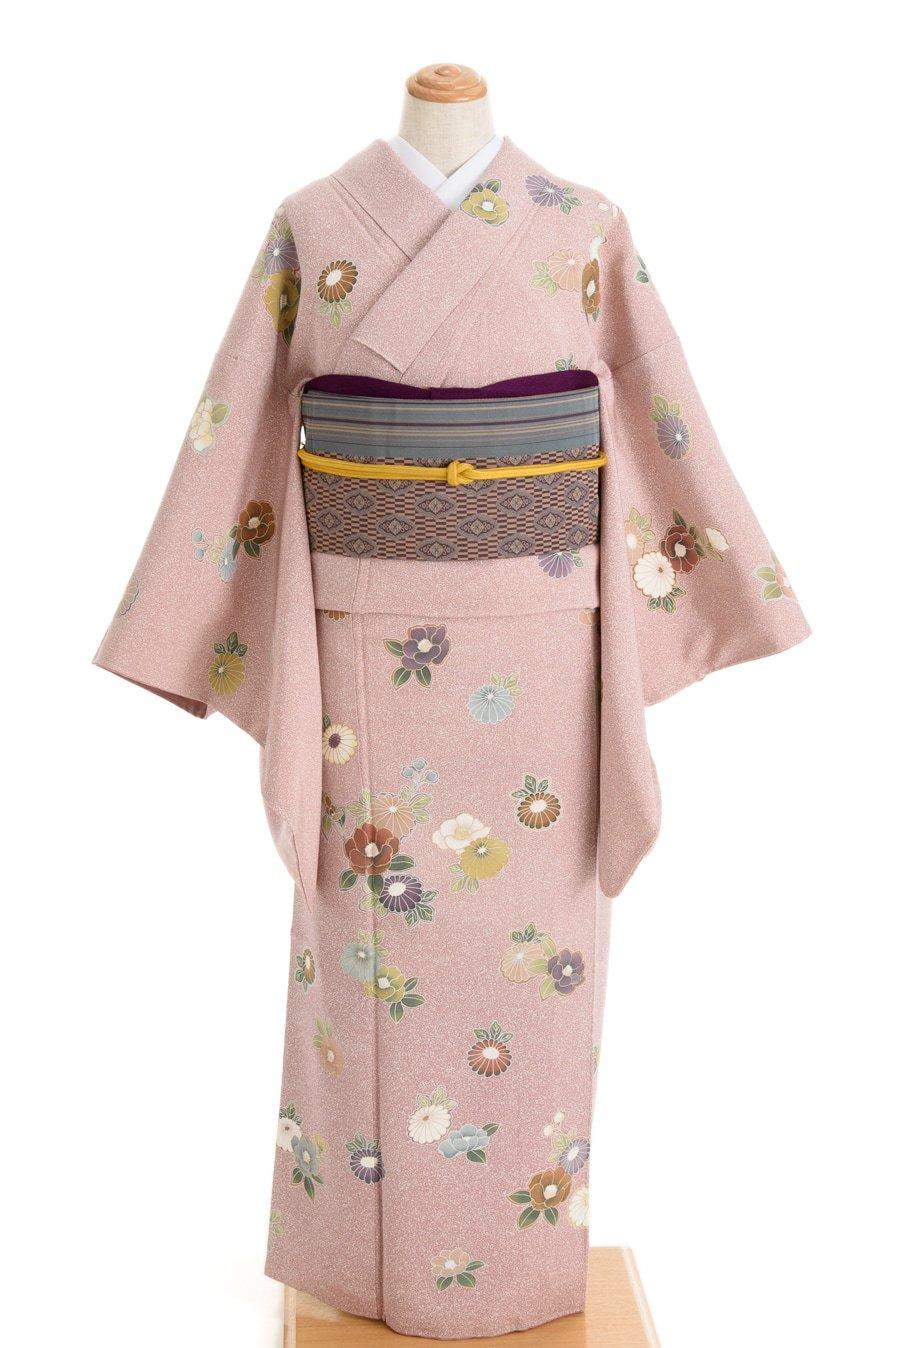 「付け下げ 菊と椿」の商品画像